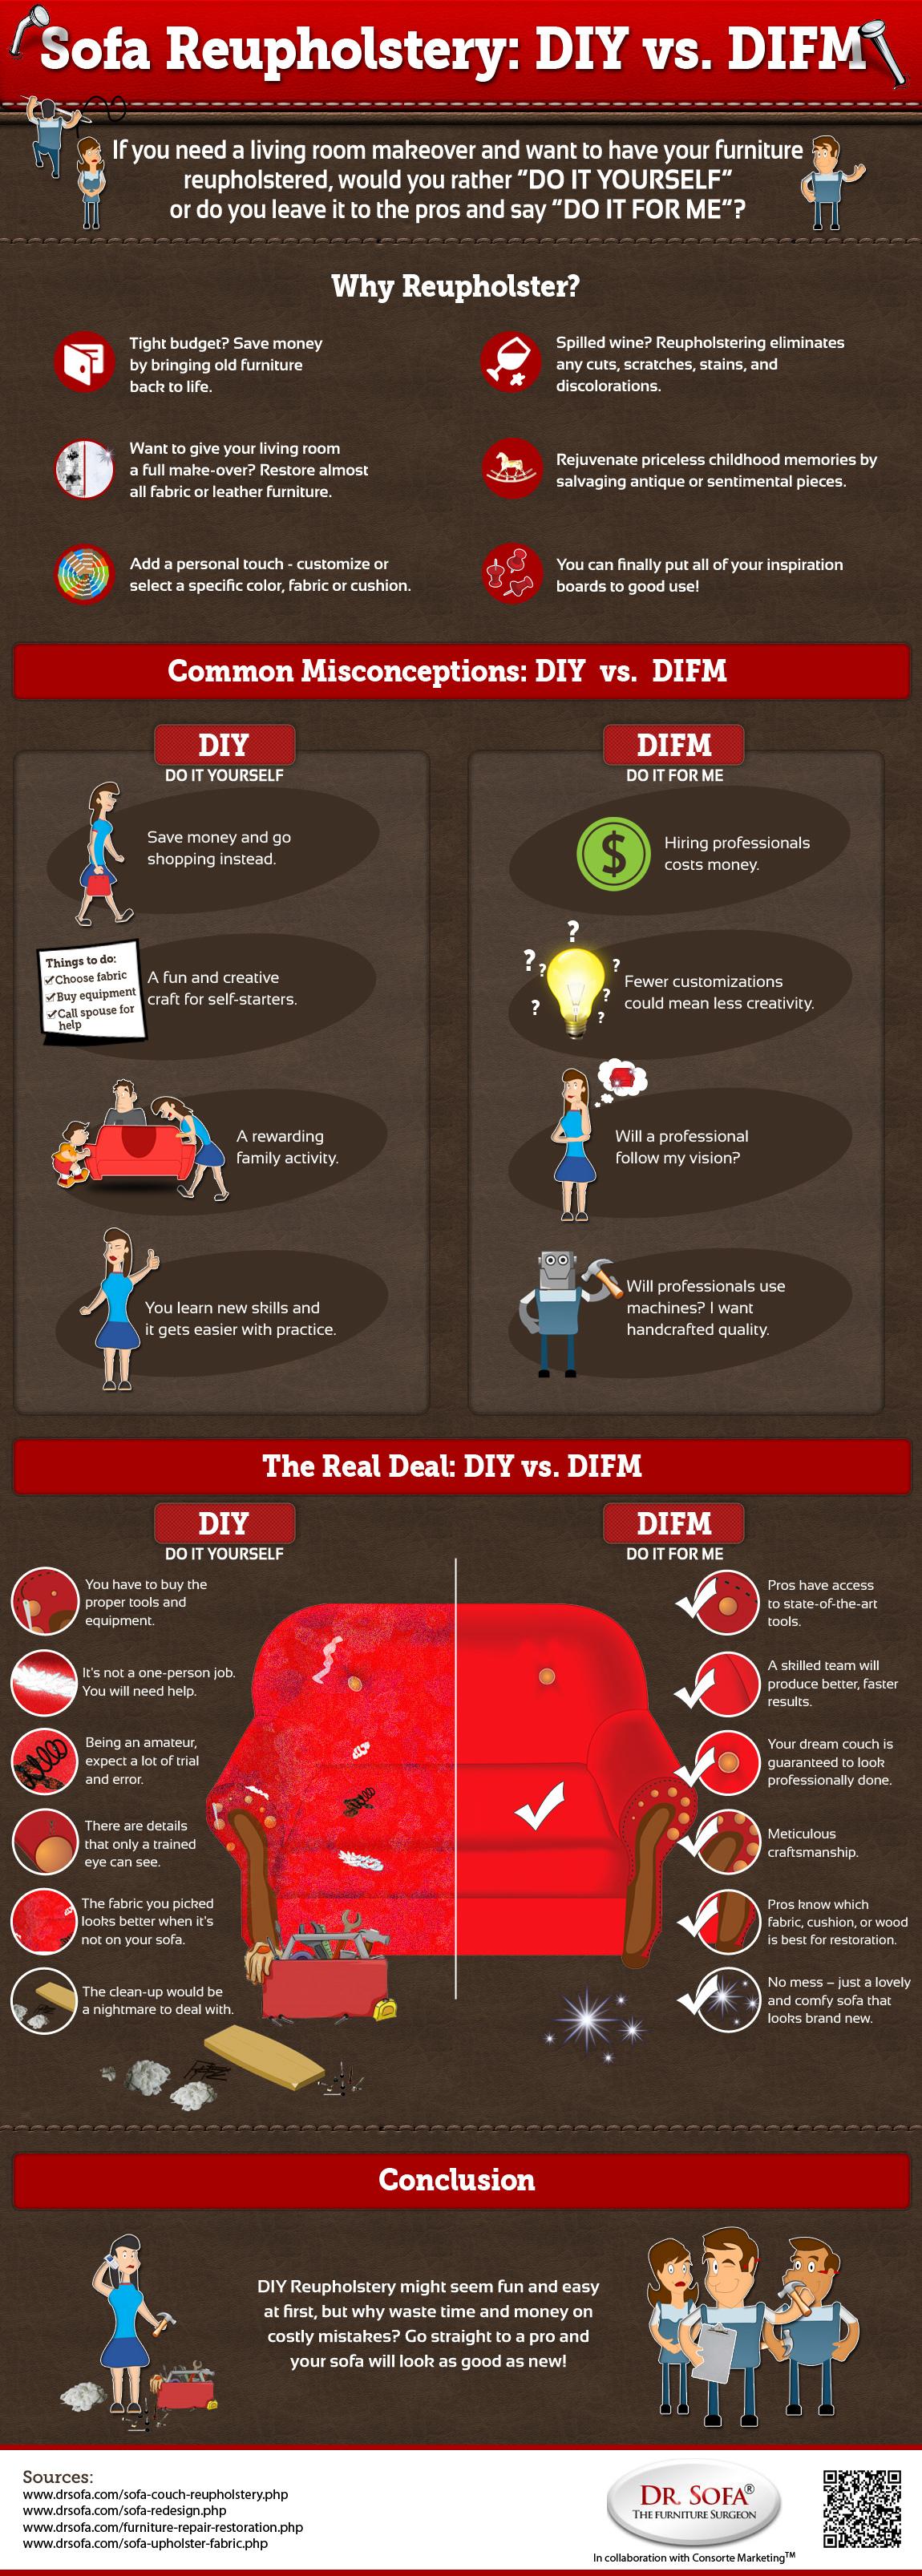 Sofa Reupholstery: DIY vs. DIFM